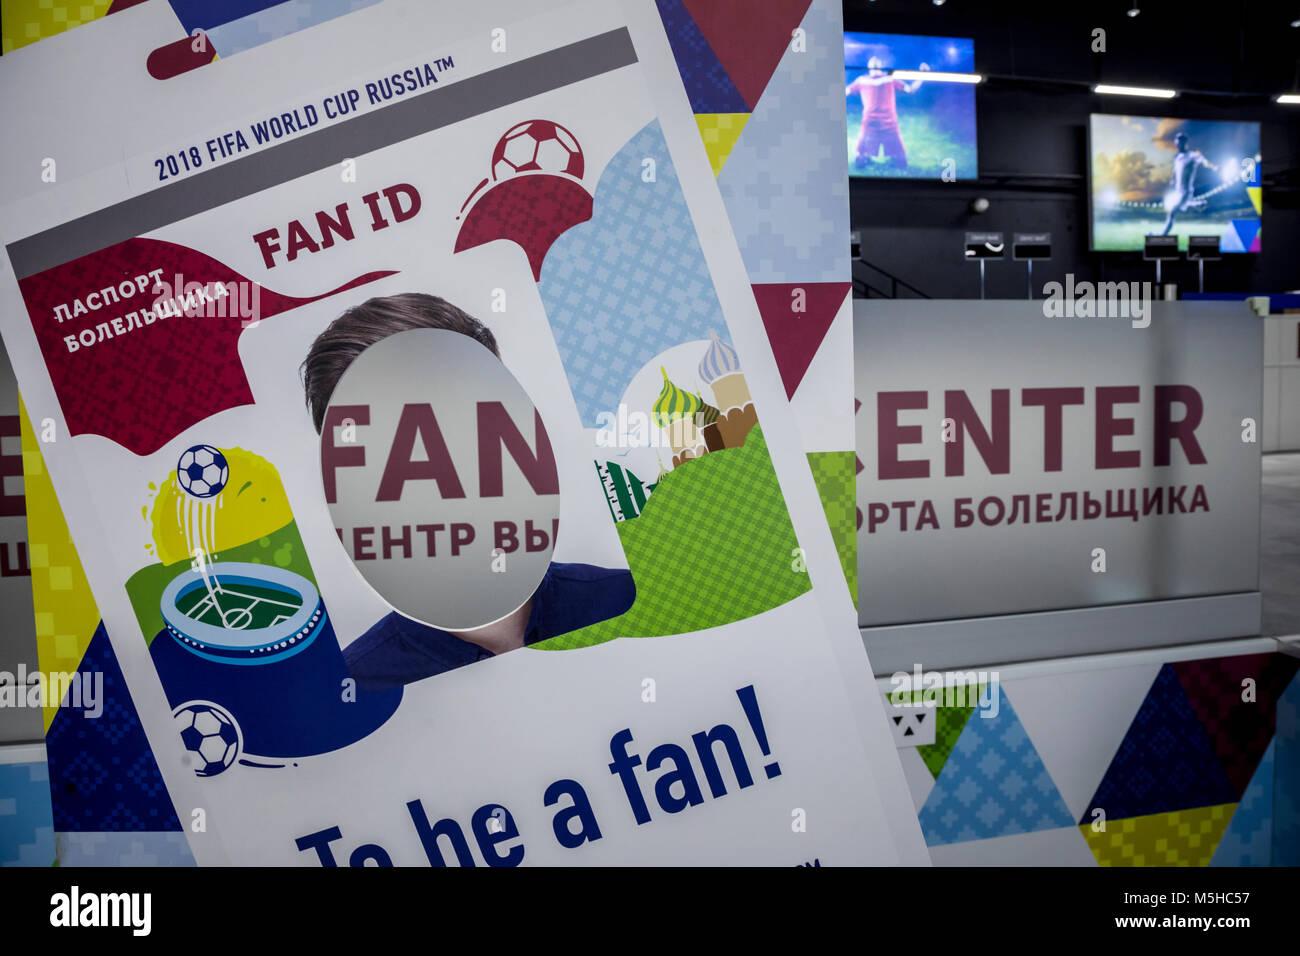 Der Innenraum des VENTILATOR-ID Distribution Center der FIFA WM 2018 in Moskau, Russland Stockfoto